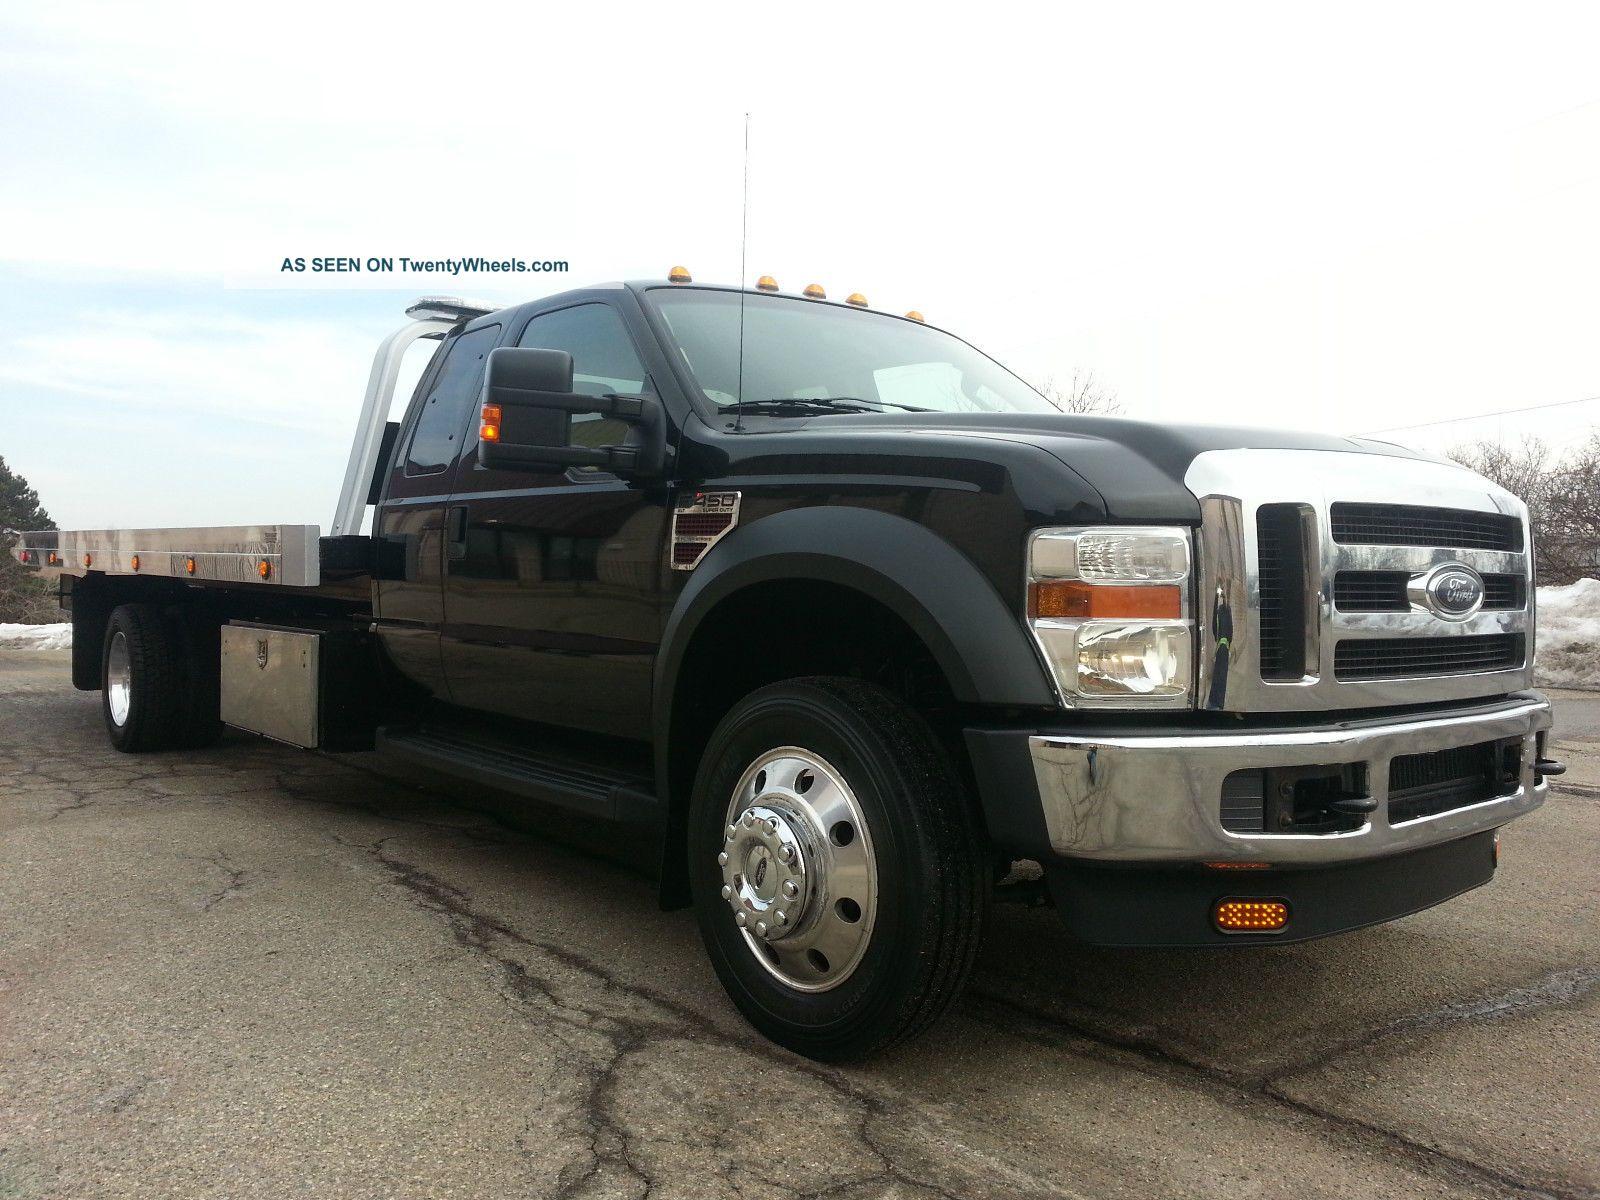 Farming Sim Mods Ford Trucks F 150 | Upcomingcarshq.com